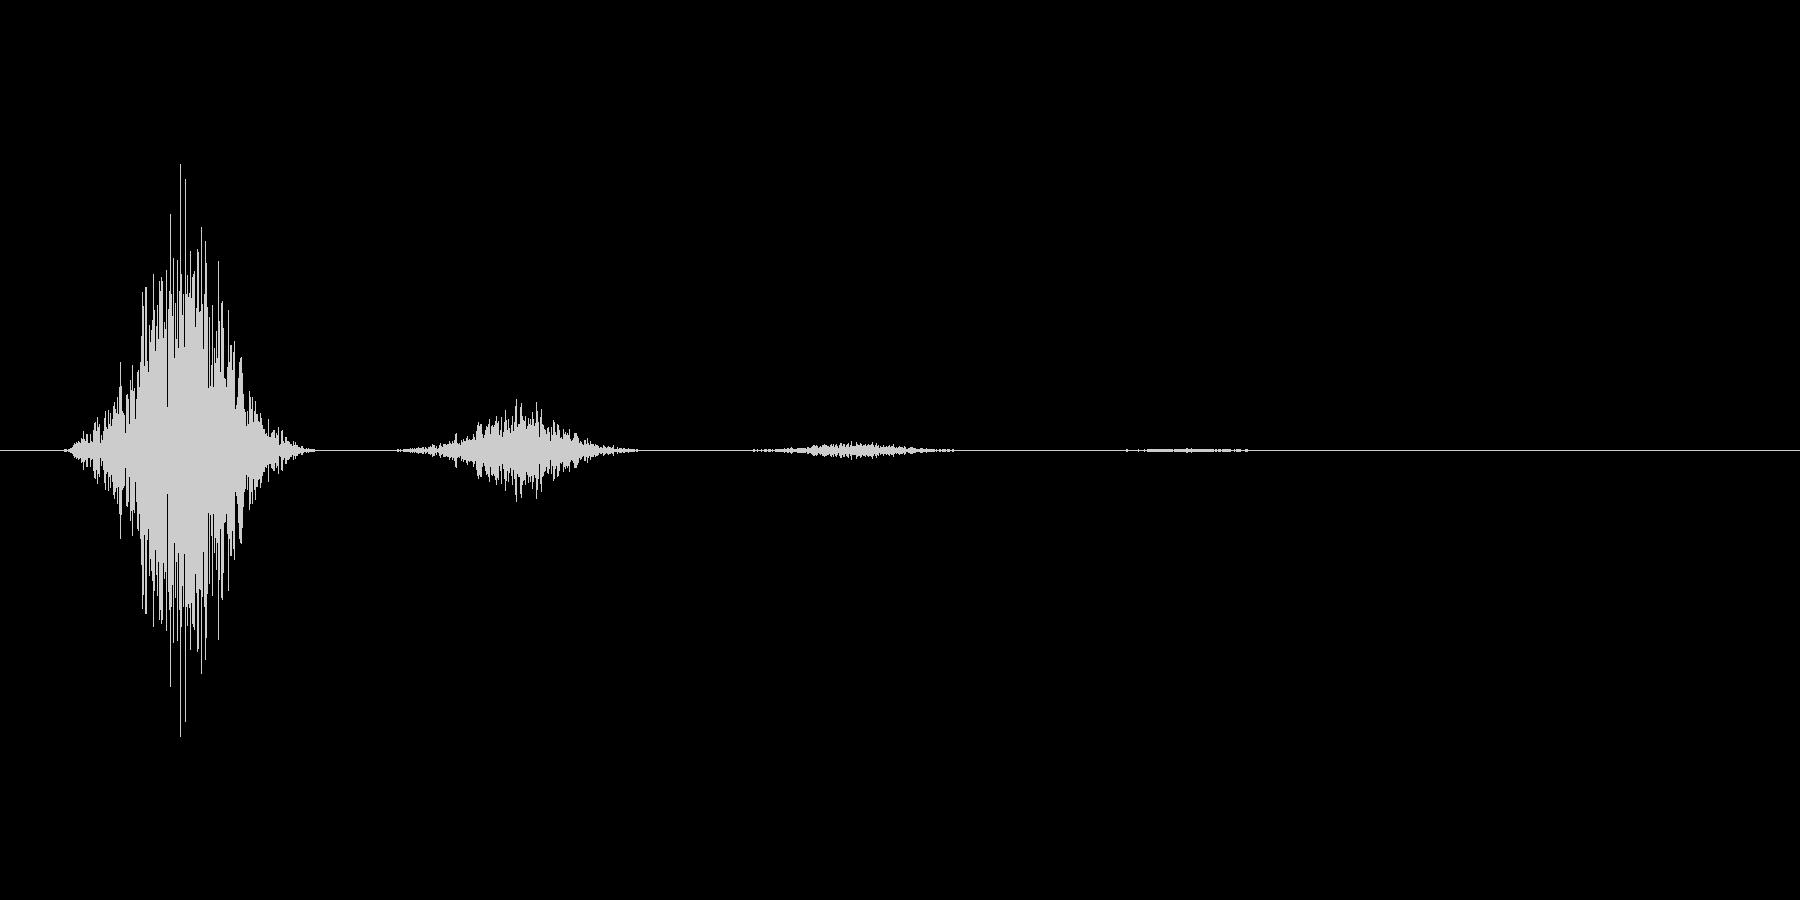 スワイプ.タップ.ページ送り音 02の未再生の波形